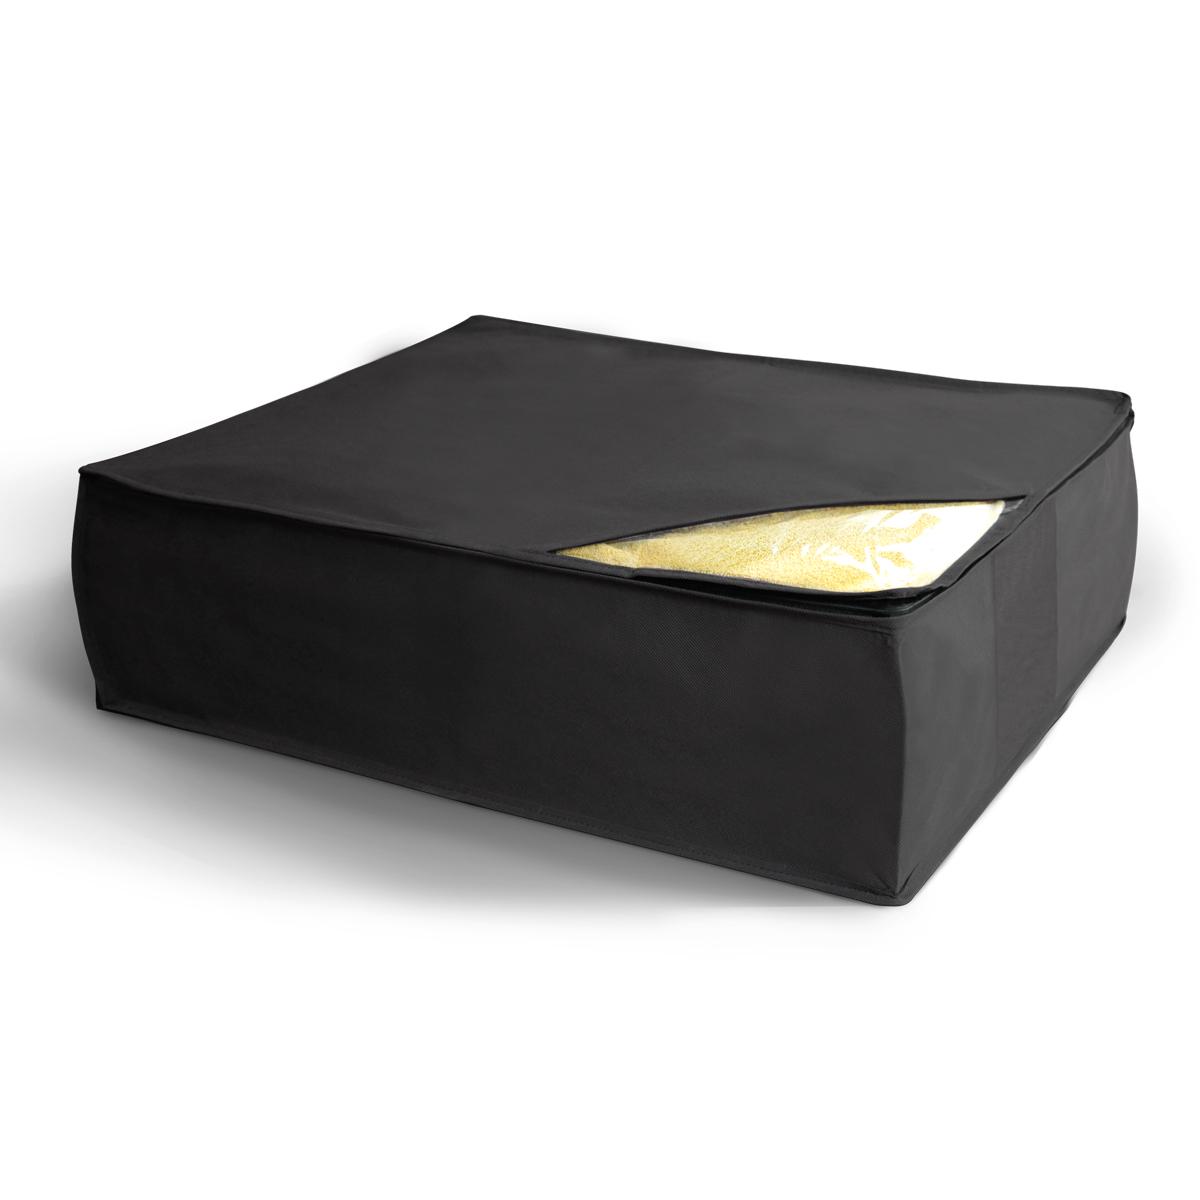 Кофр для хранения Miolla, складной, цвет: черный, 50 х 58 х 19 смCHL-5-3Компактный складной кофр Miolla для хранения одеял, подушек и пледов изготовлен из высококачественногонетканого материала, которыйобеспечивает естественную вентиляцию, позволяя воздуху проникать внутрь,но не пропускает пыль. Изделие закрывается на молнию. Размер кофра (в собранном виде): 50 x 58 x 19 см.